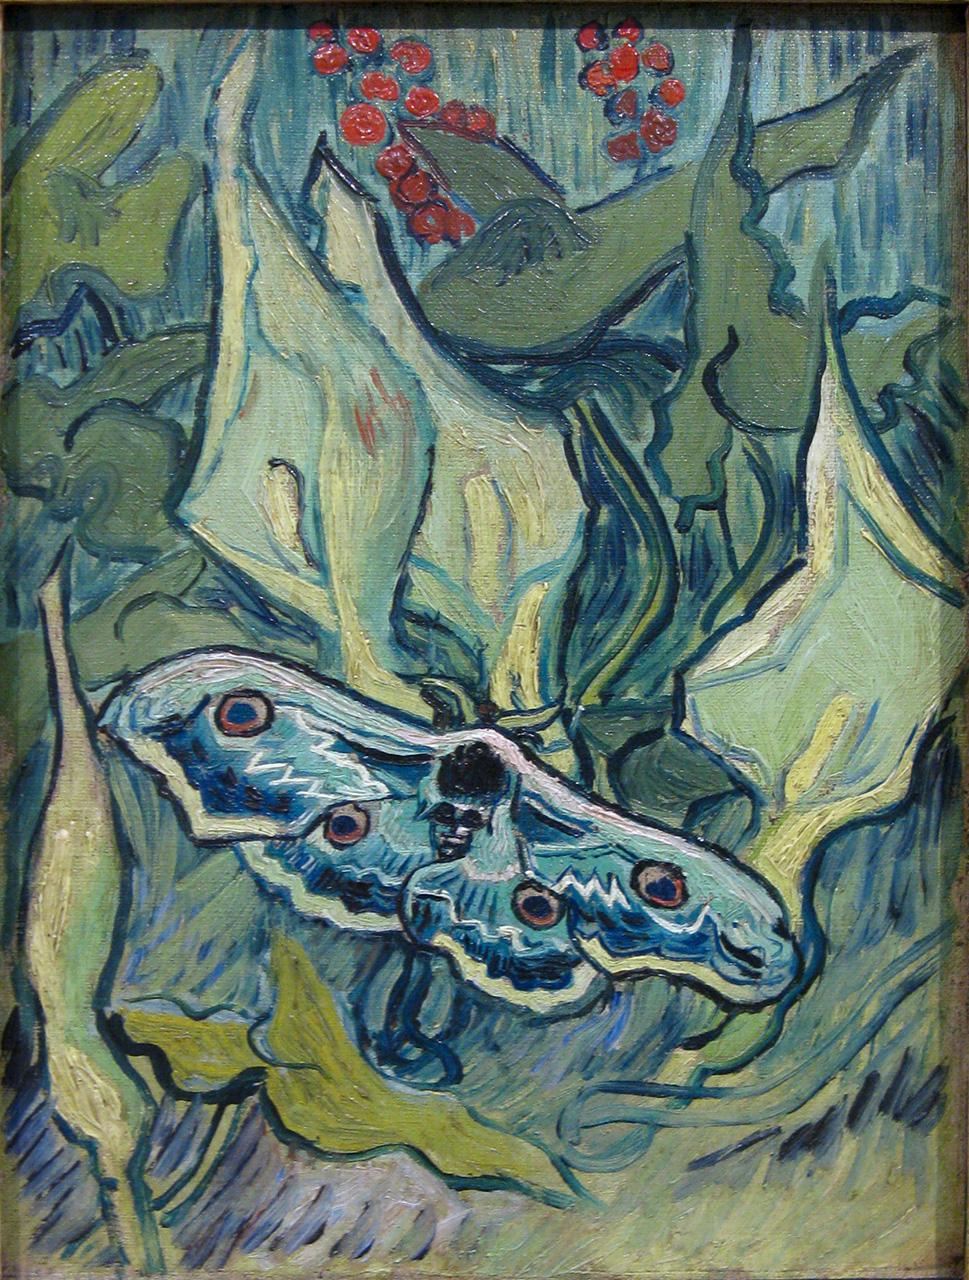 Gazette des arts: les papillons de Van Gogh